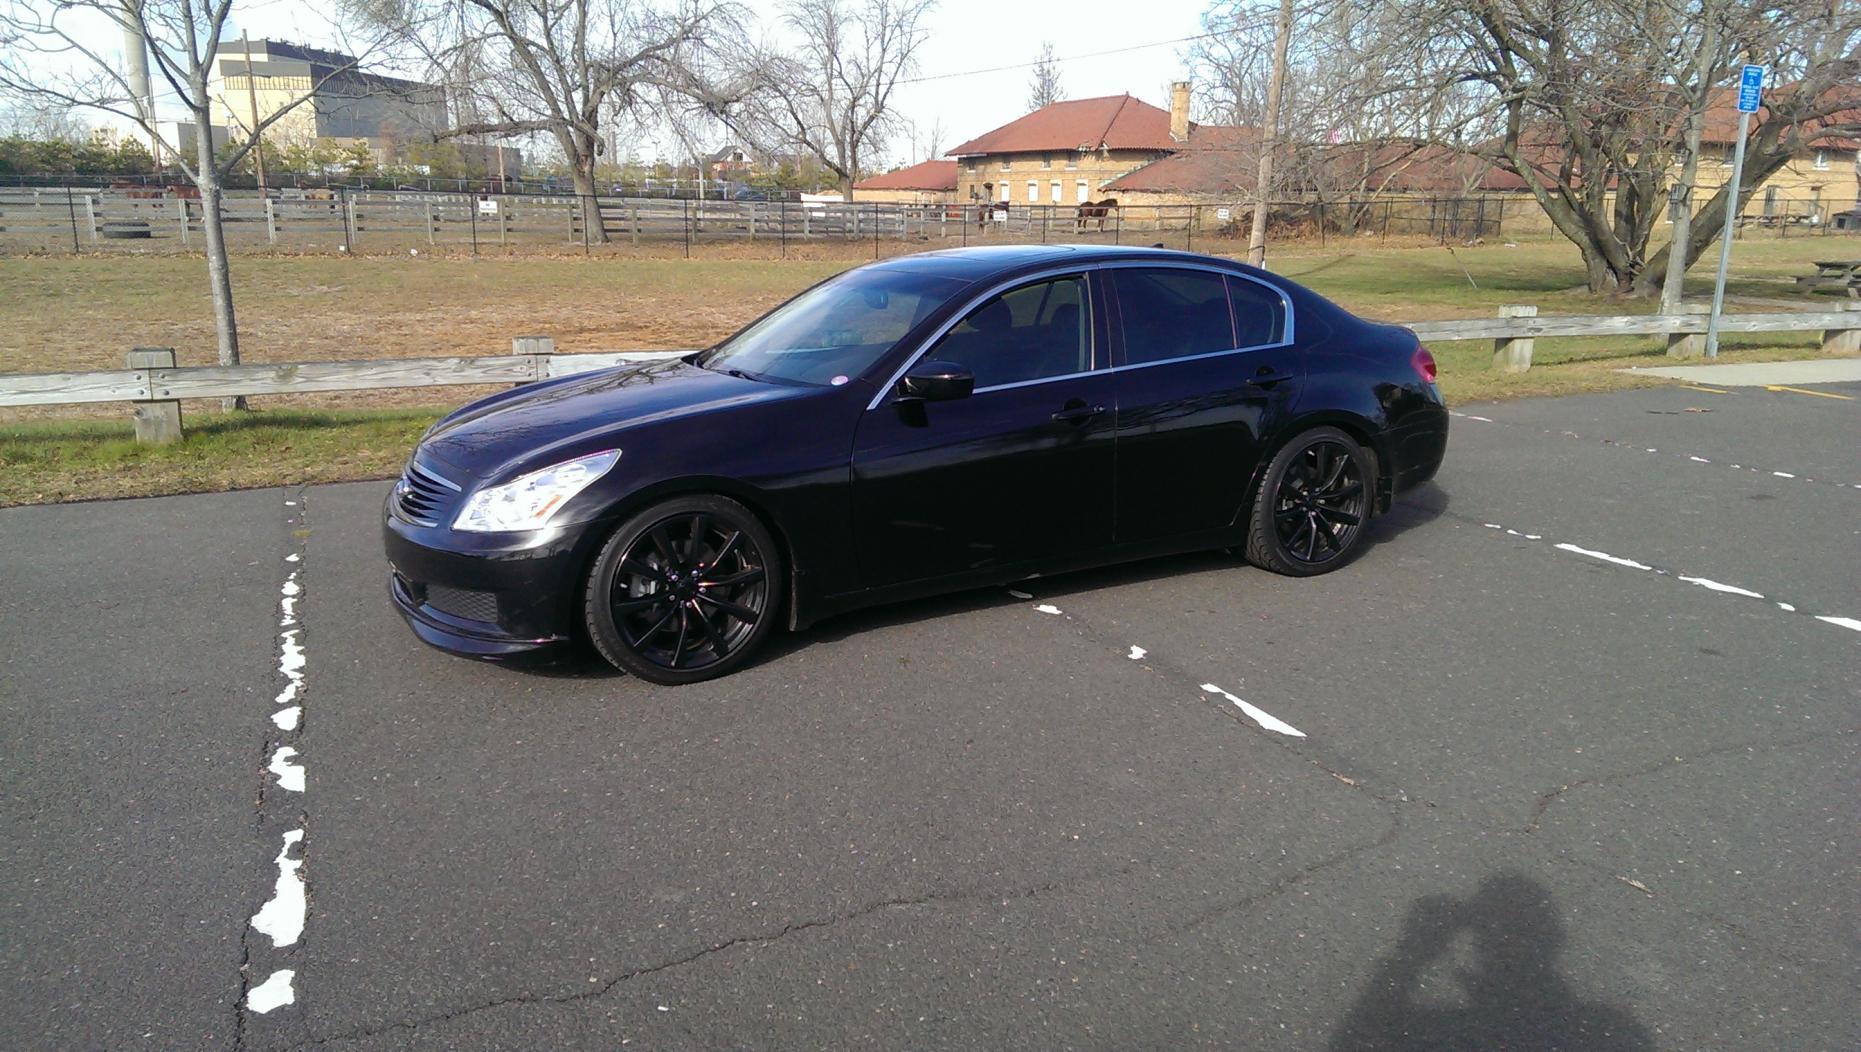 New 2013 Infiniti G37 Sedan